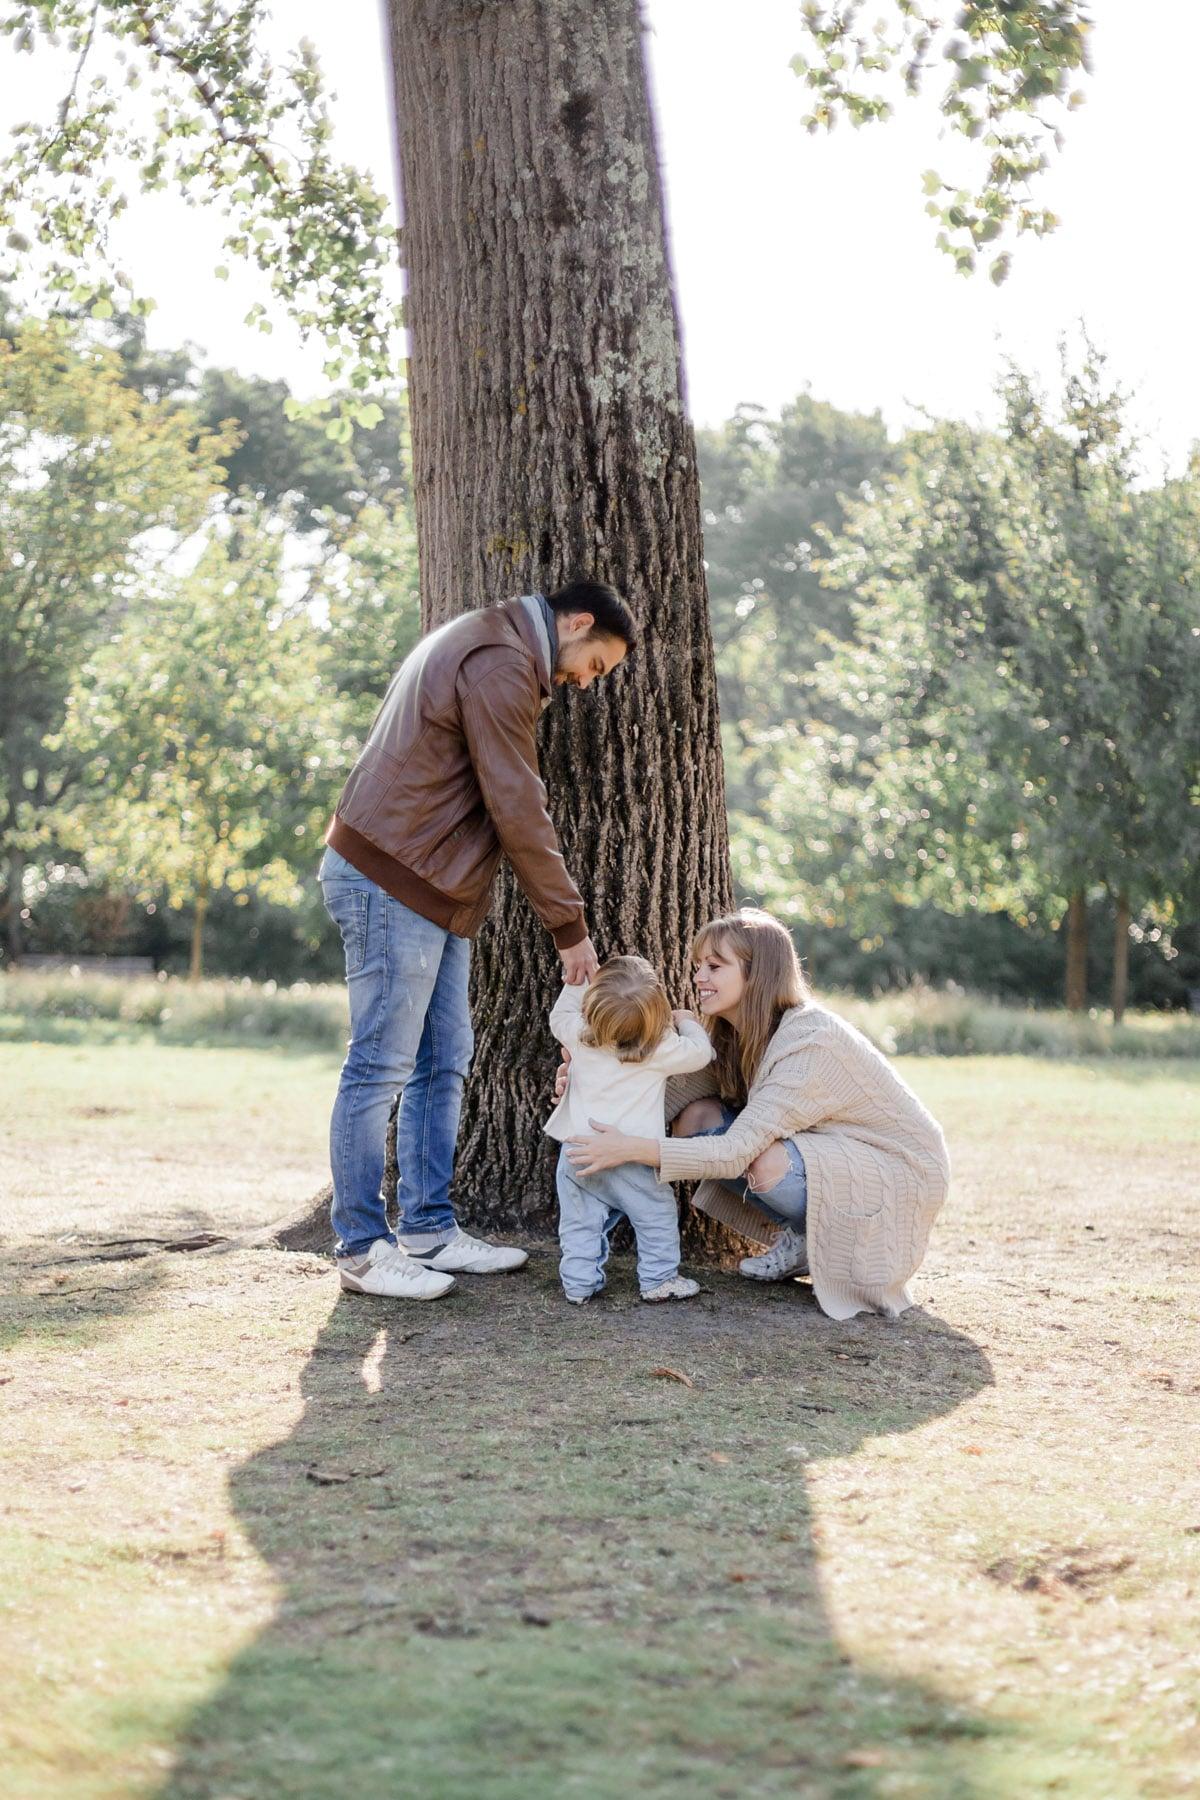 photographe famille enfants bebe bordeaux parc lifestyle fineart francais sarah miramon alexie alicia adrian 13